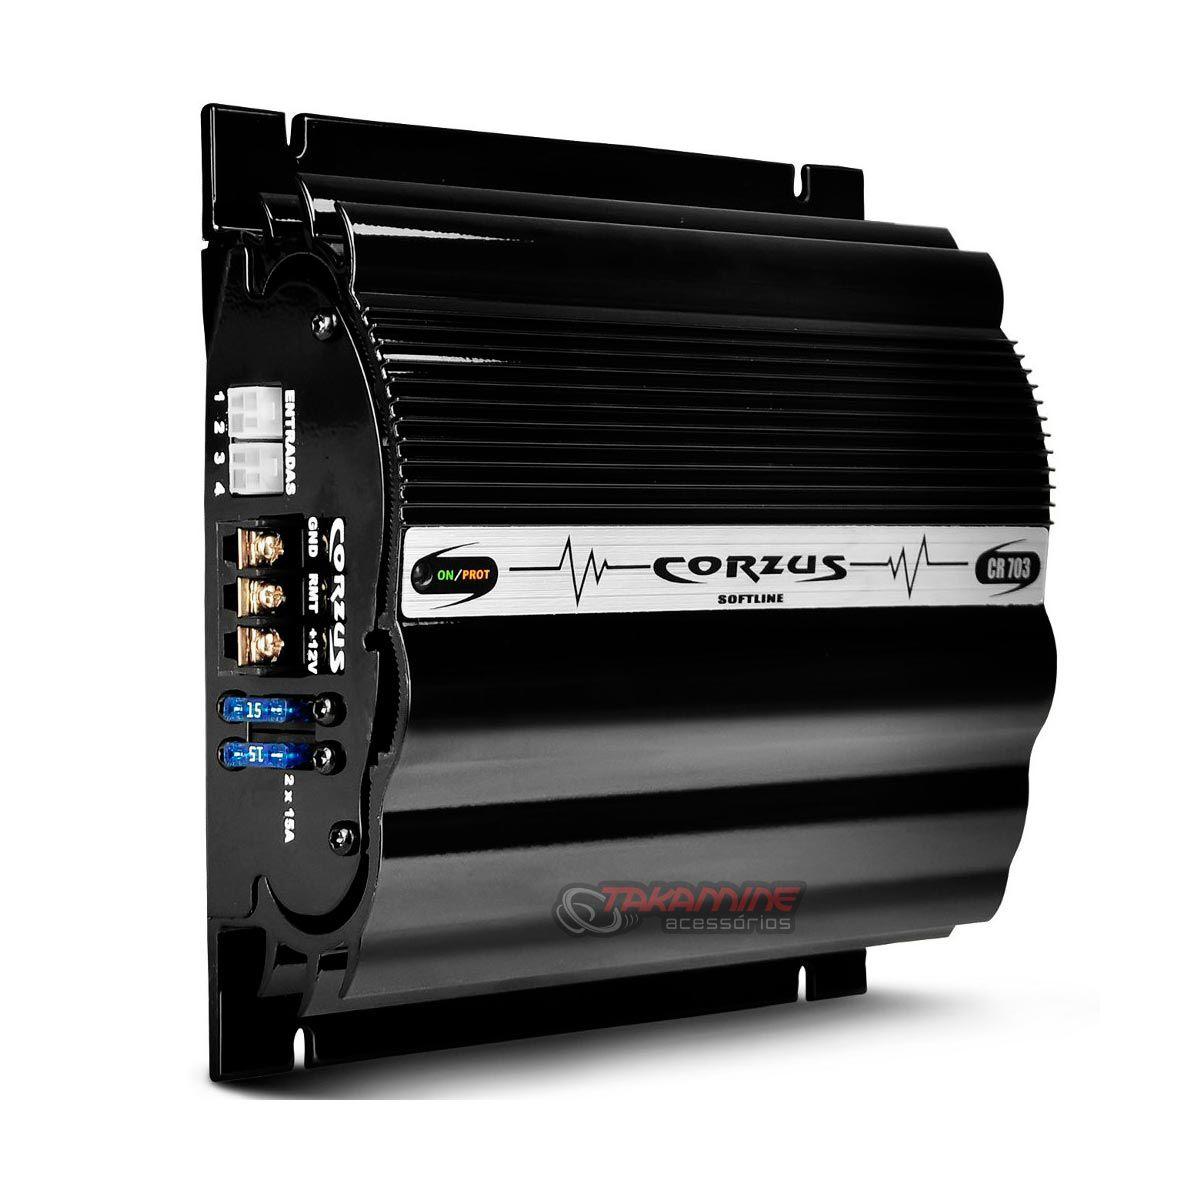 Amplificador CR703 Corzus 3 canais estéreo e mono 280WRMS